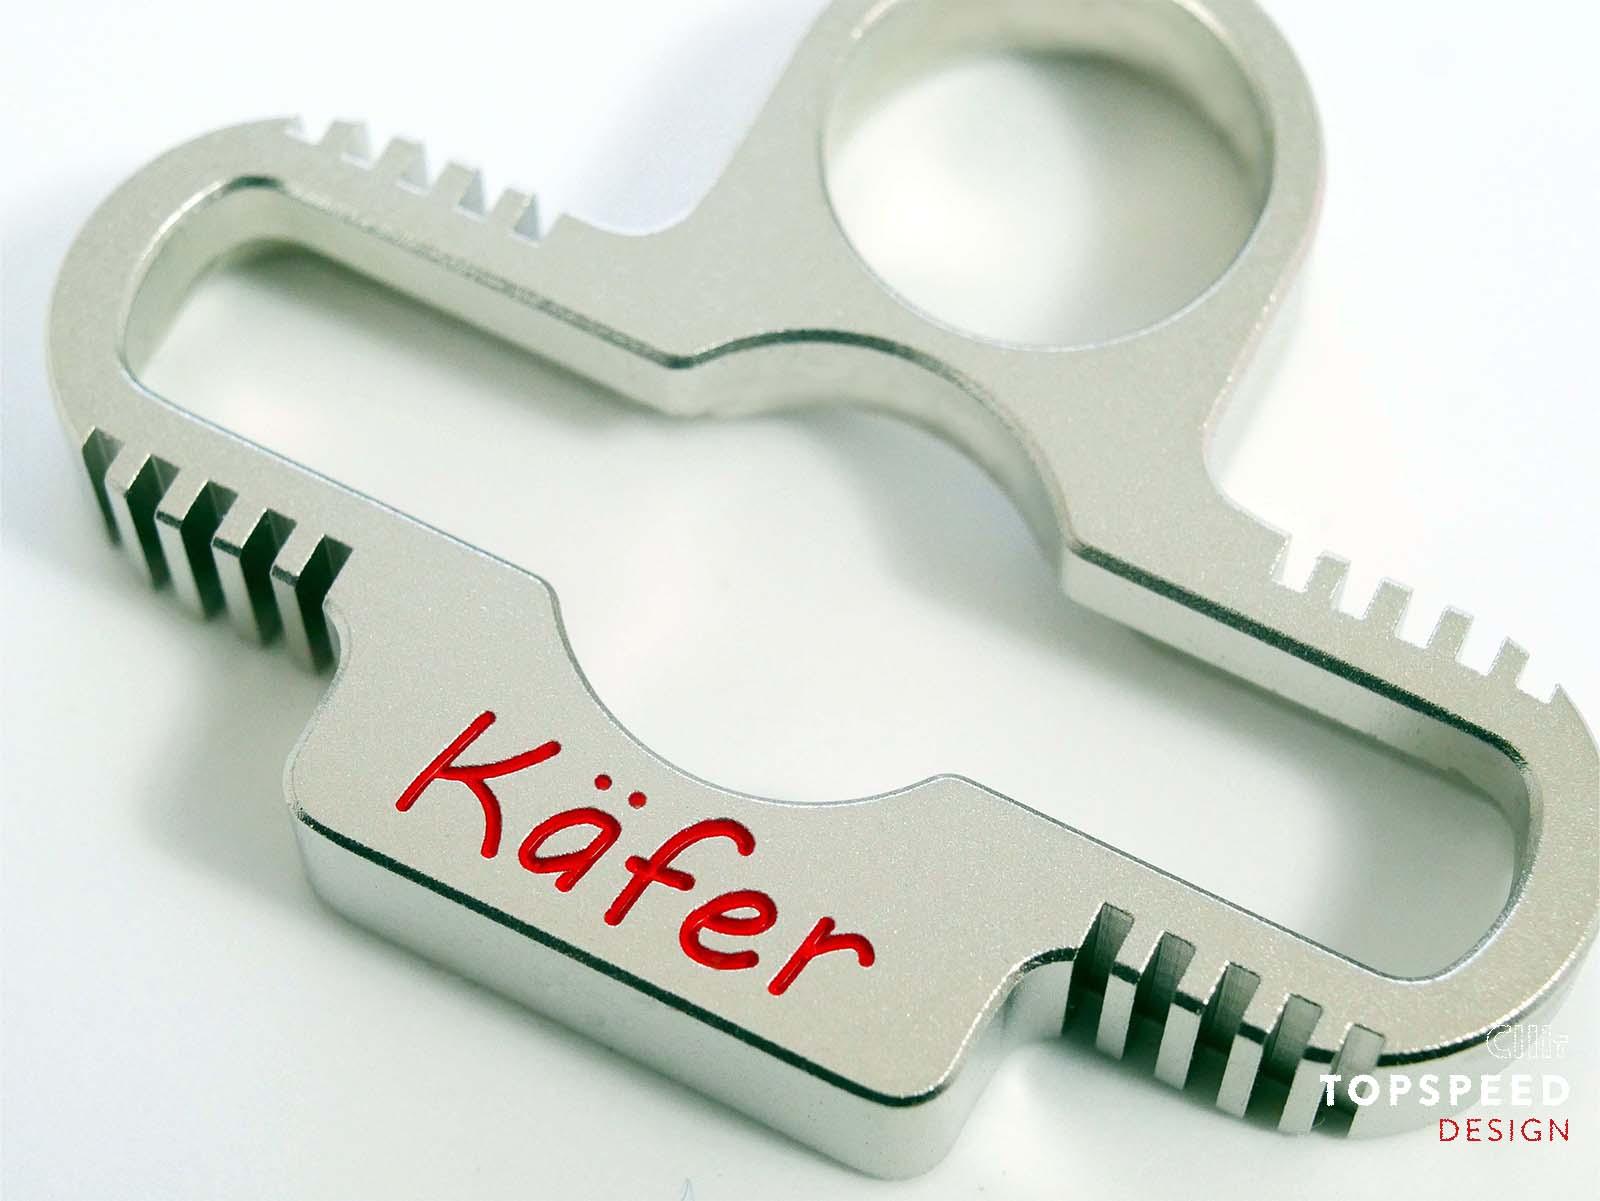 Motorblock für Schlüsselanhänger Käfer | Topspeed Design by Bernhard Schmidt